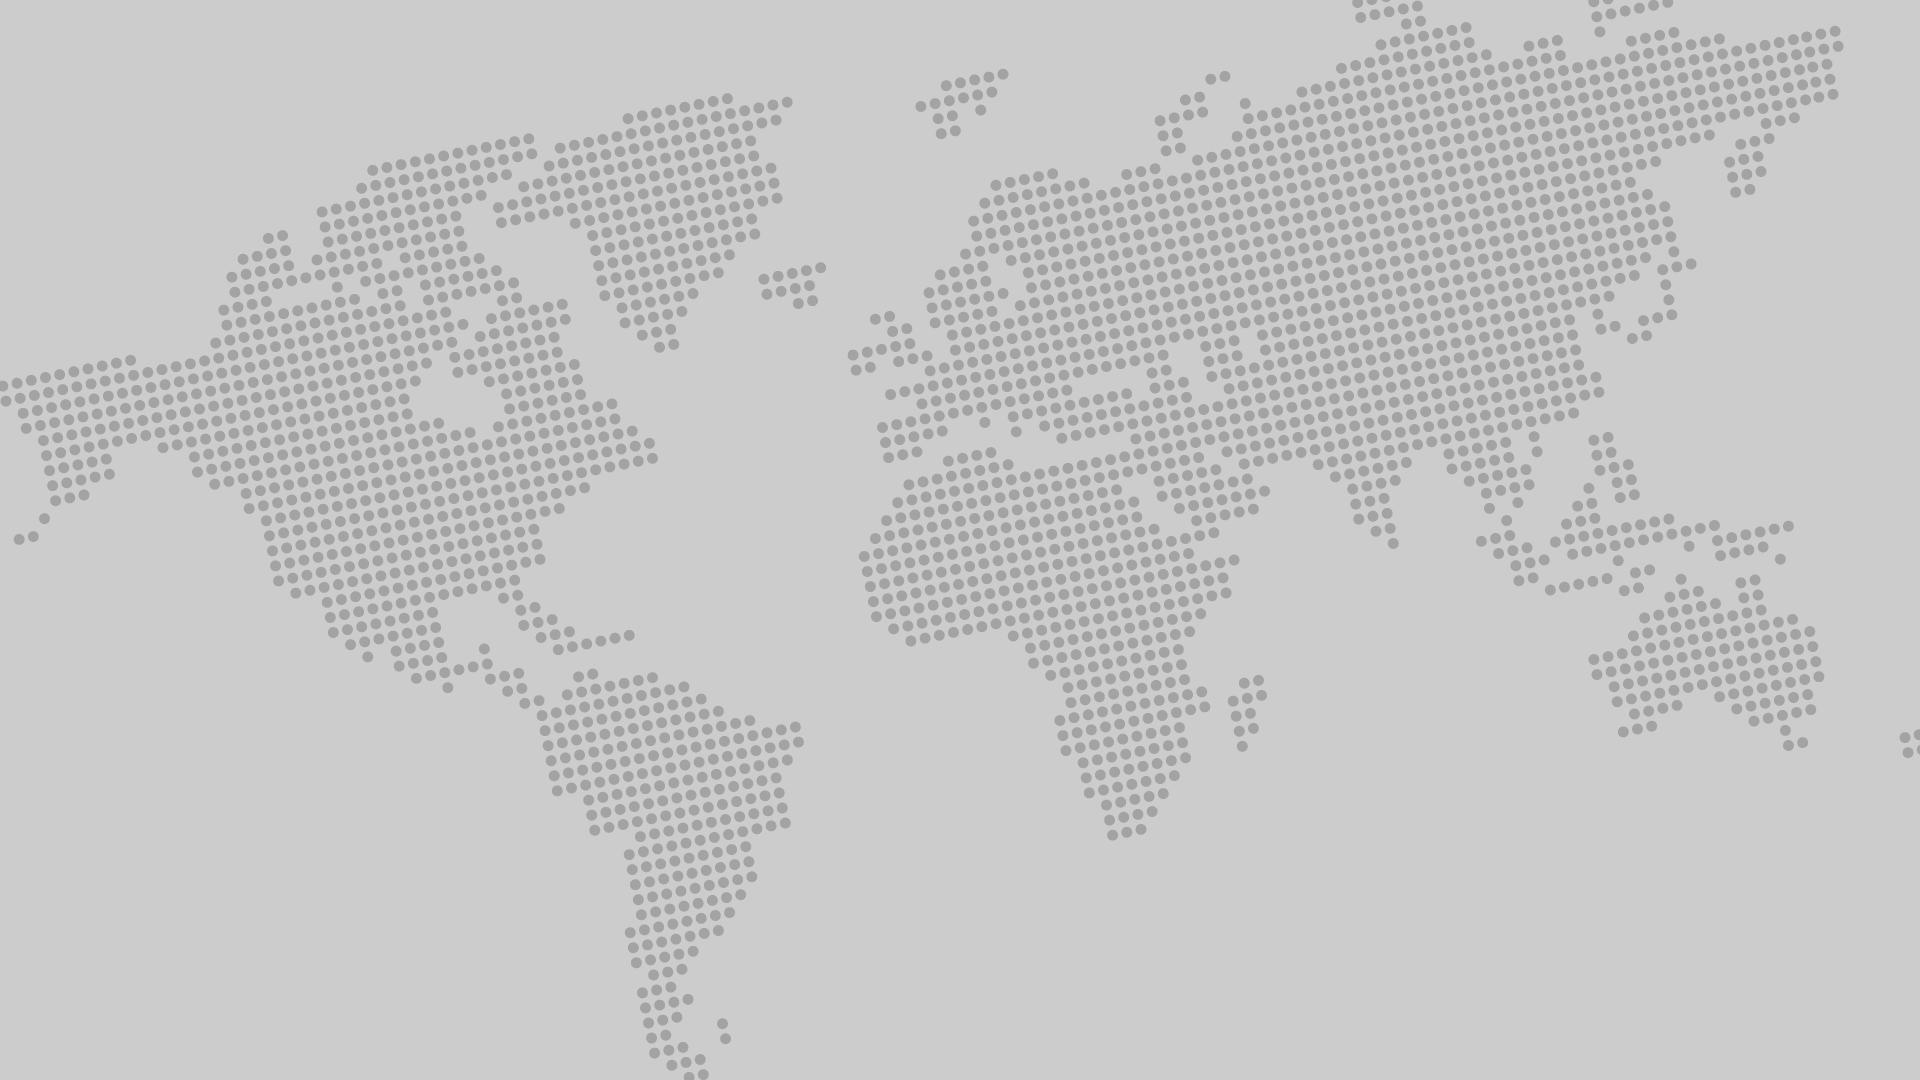 Cool 3d Wallpaper Websites Business Wallpapers Hd Pixelstalk Net